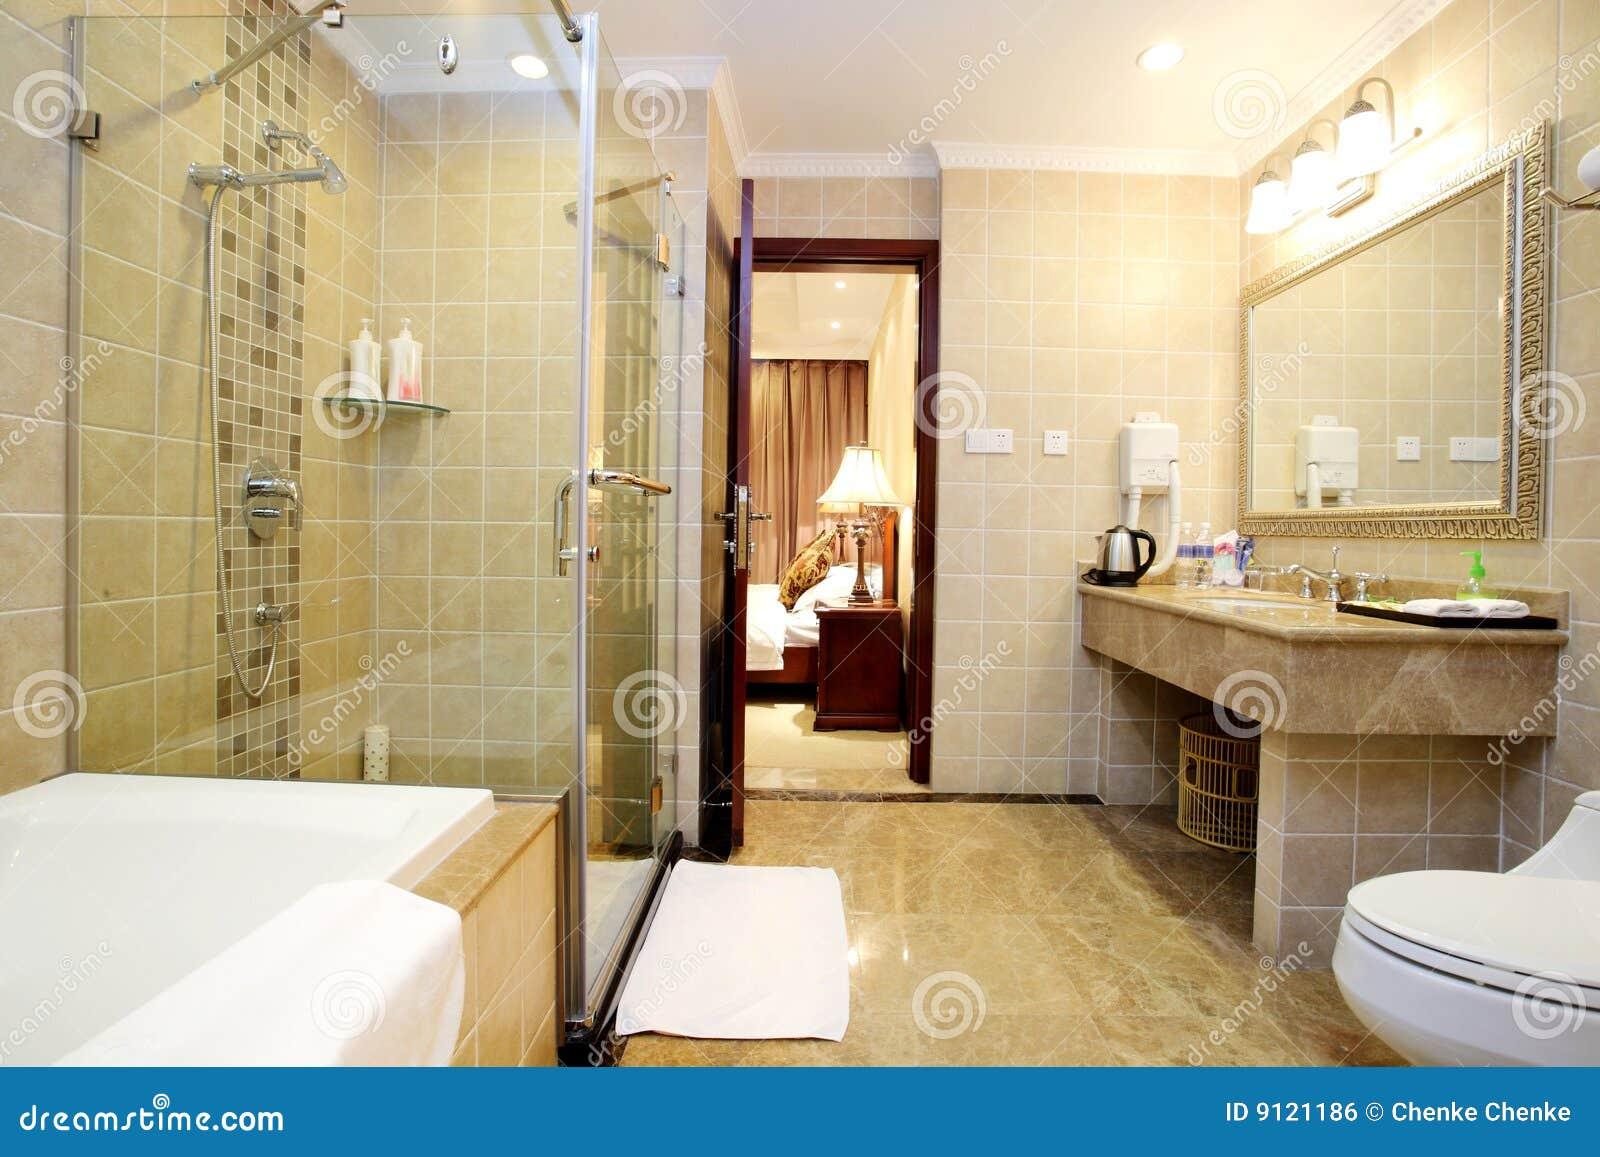 Stanza da bagno fotografia stock immagine di bathroom for Stanza da bagno